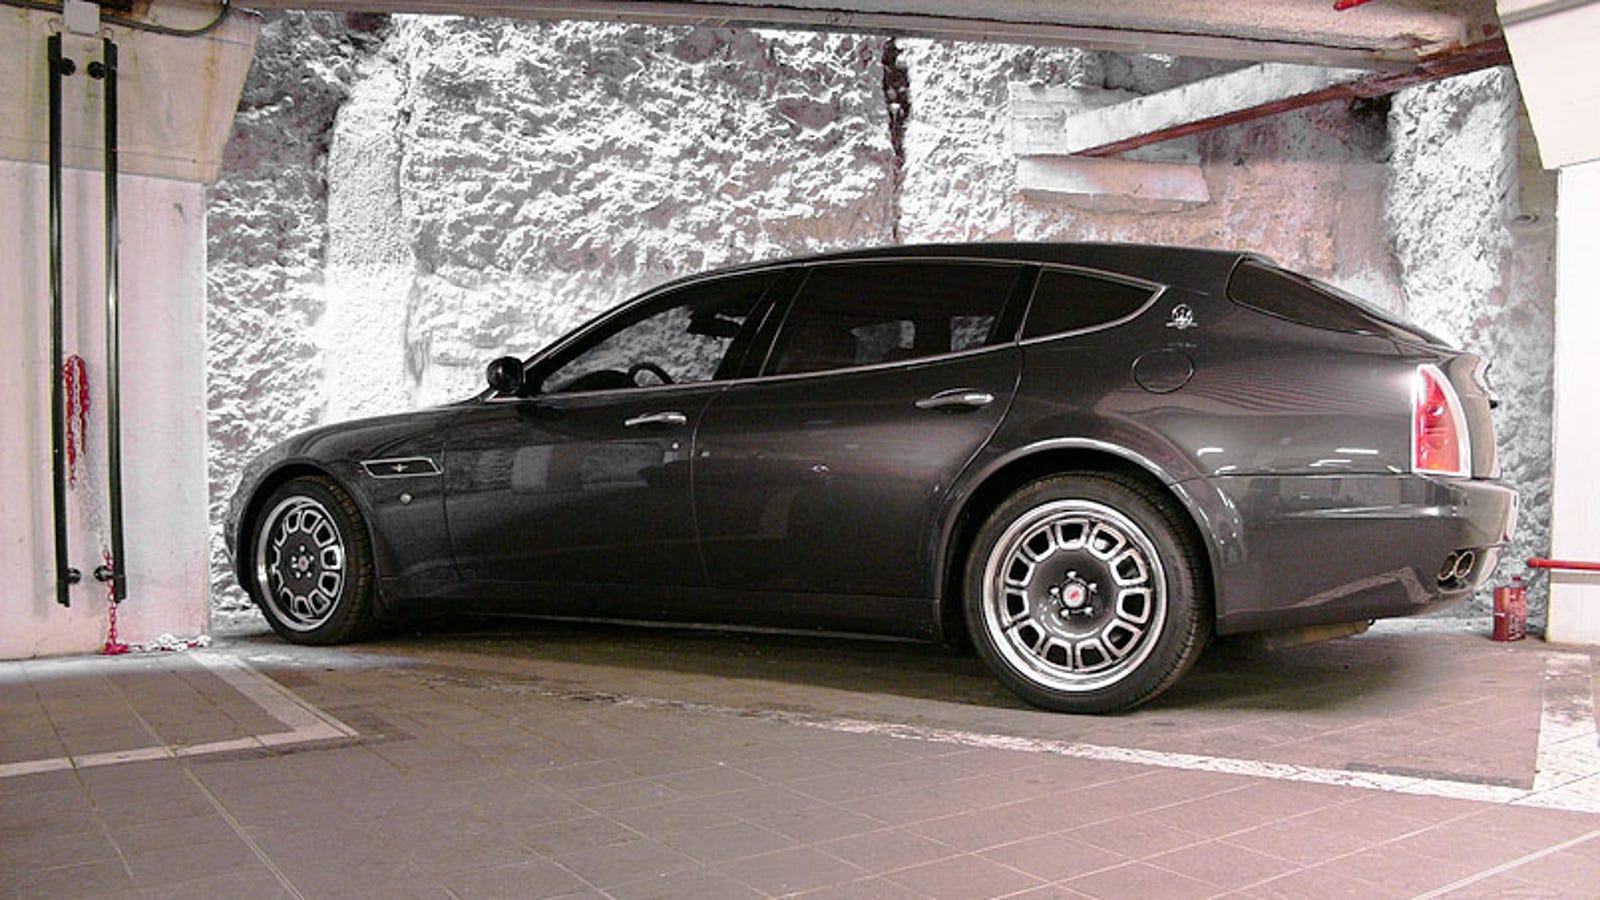 Maserati Quattroporte Bellagio Fastback Touring The Ultimate Station Wagon